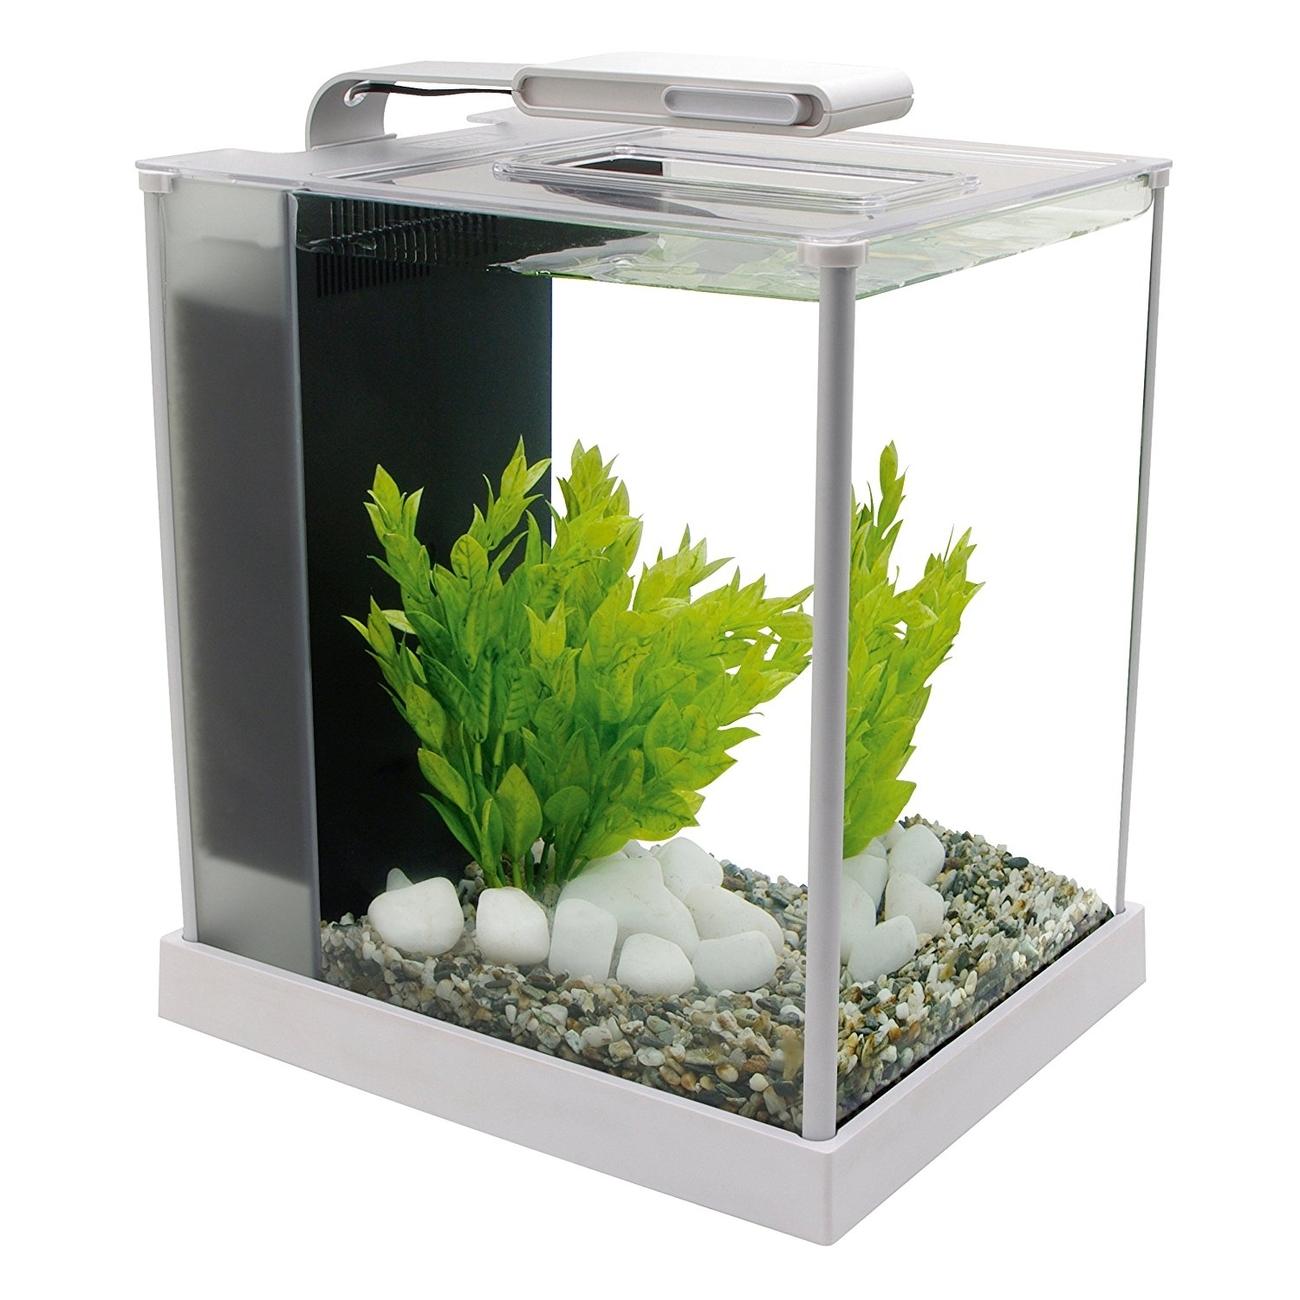 Fluval SPEC Süßwasser Aquarium Set Bild 4